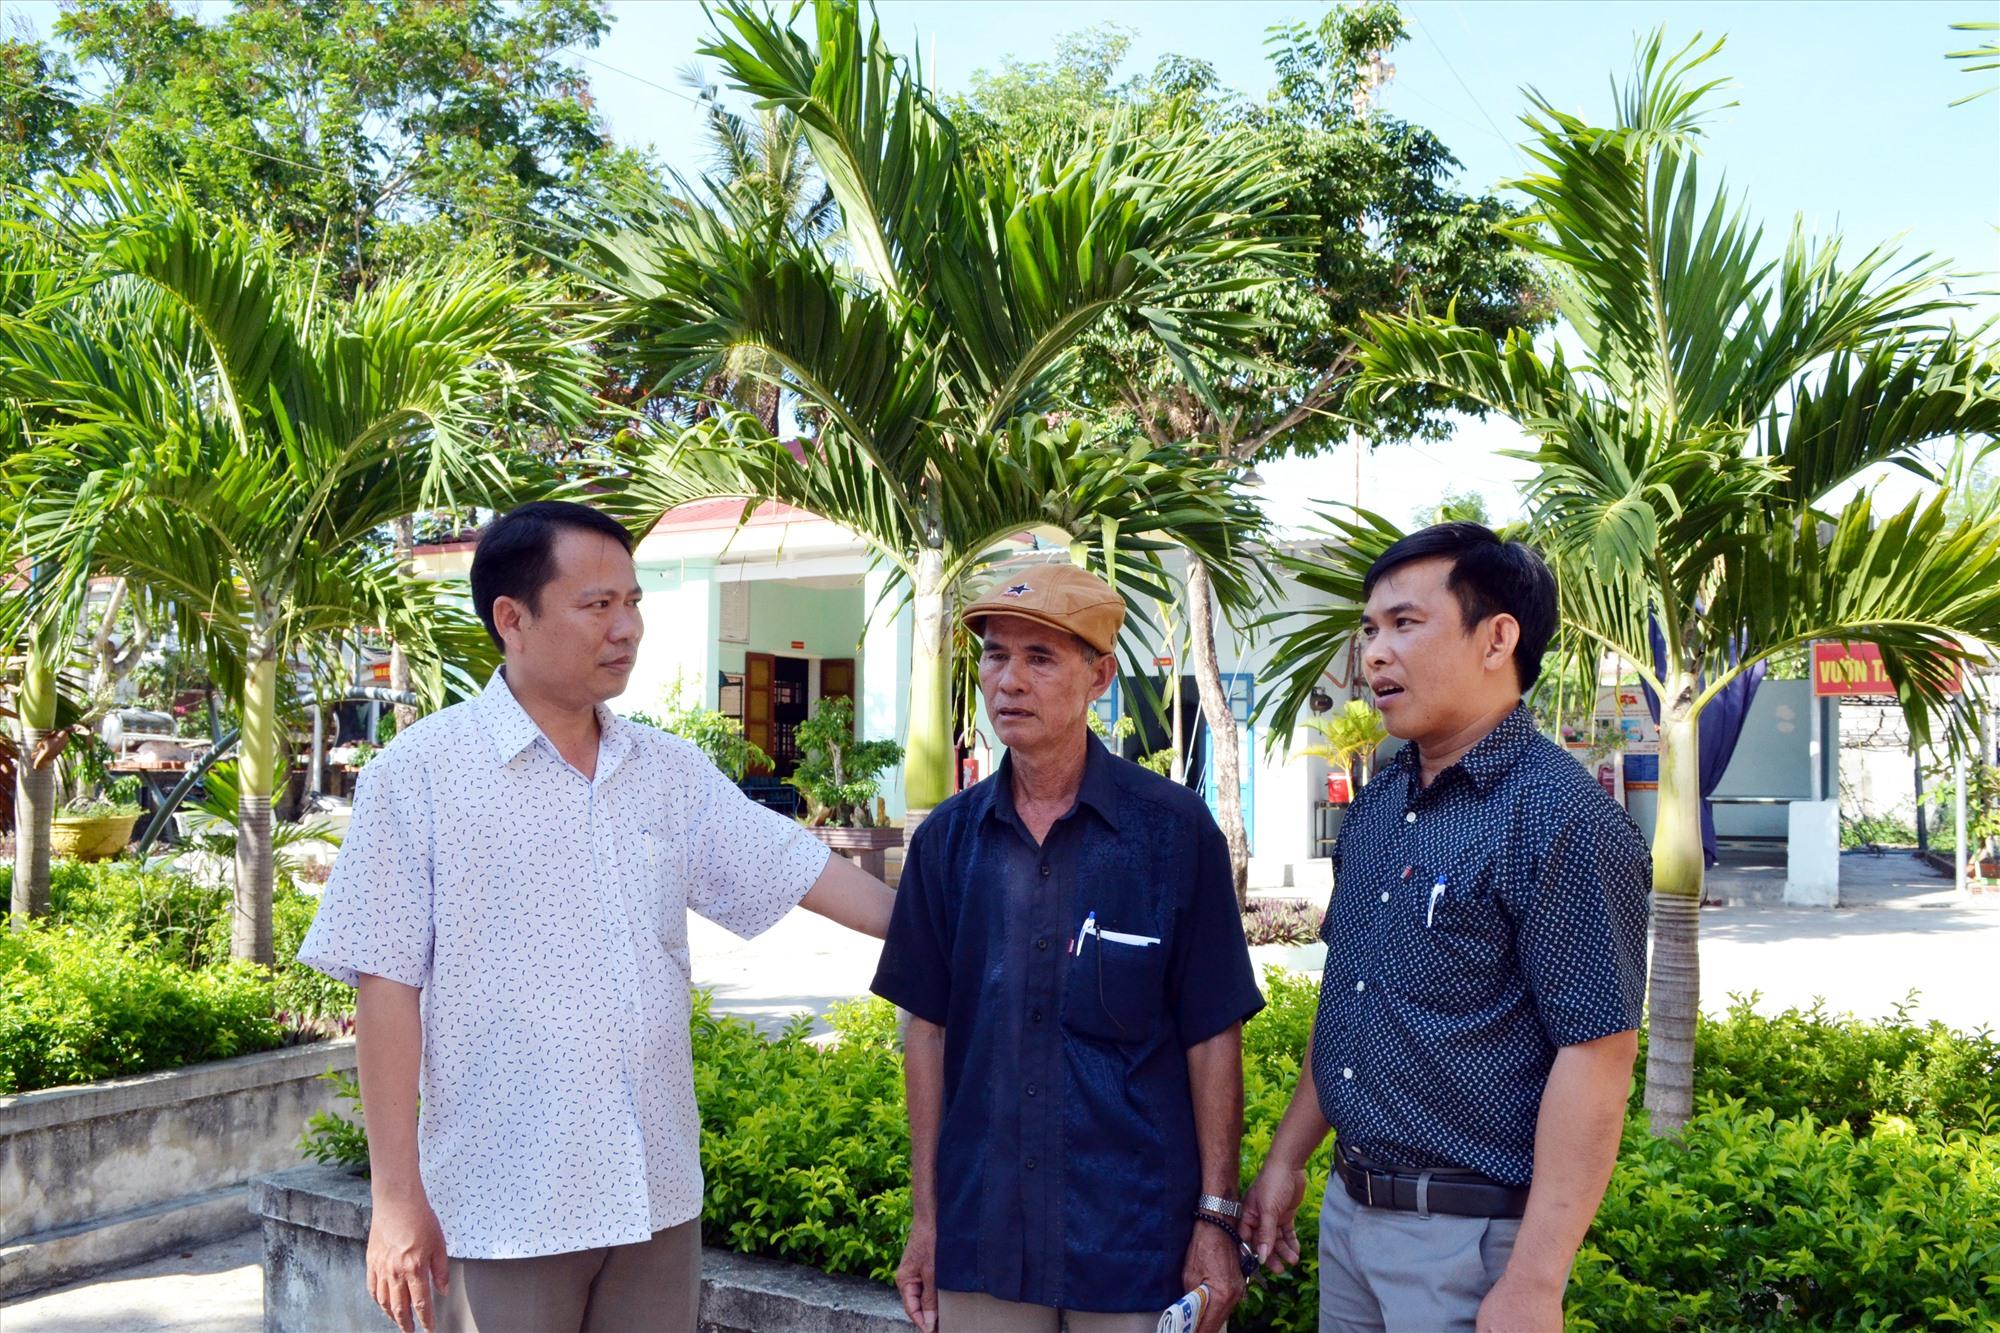 Được điều động làm Bí thư Đảng ủy xã Bình Hải, ông Nguyễn Tấn Thu (bên trái) đã tạo sự đoàn kết, nhất trí cao giữa nhân dân và cán bộ địa phương. Ảnh: QUANG VIỆT